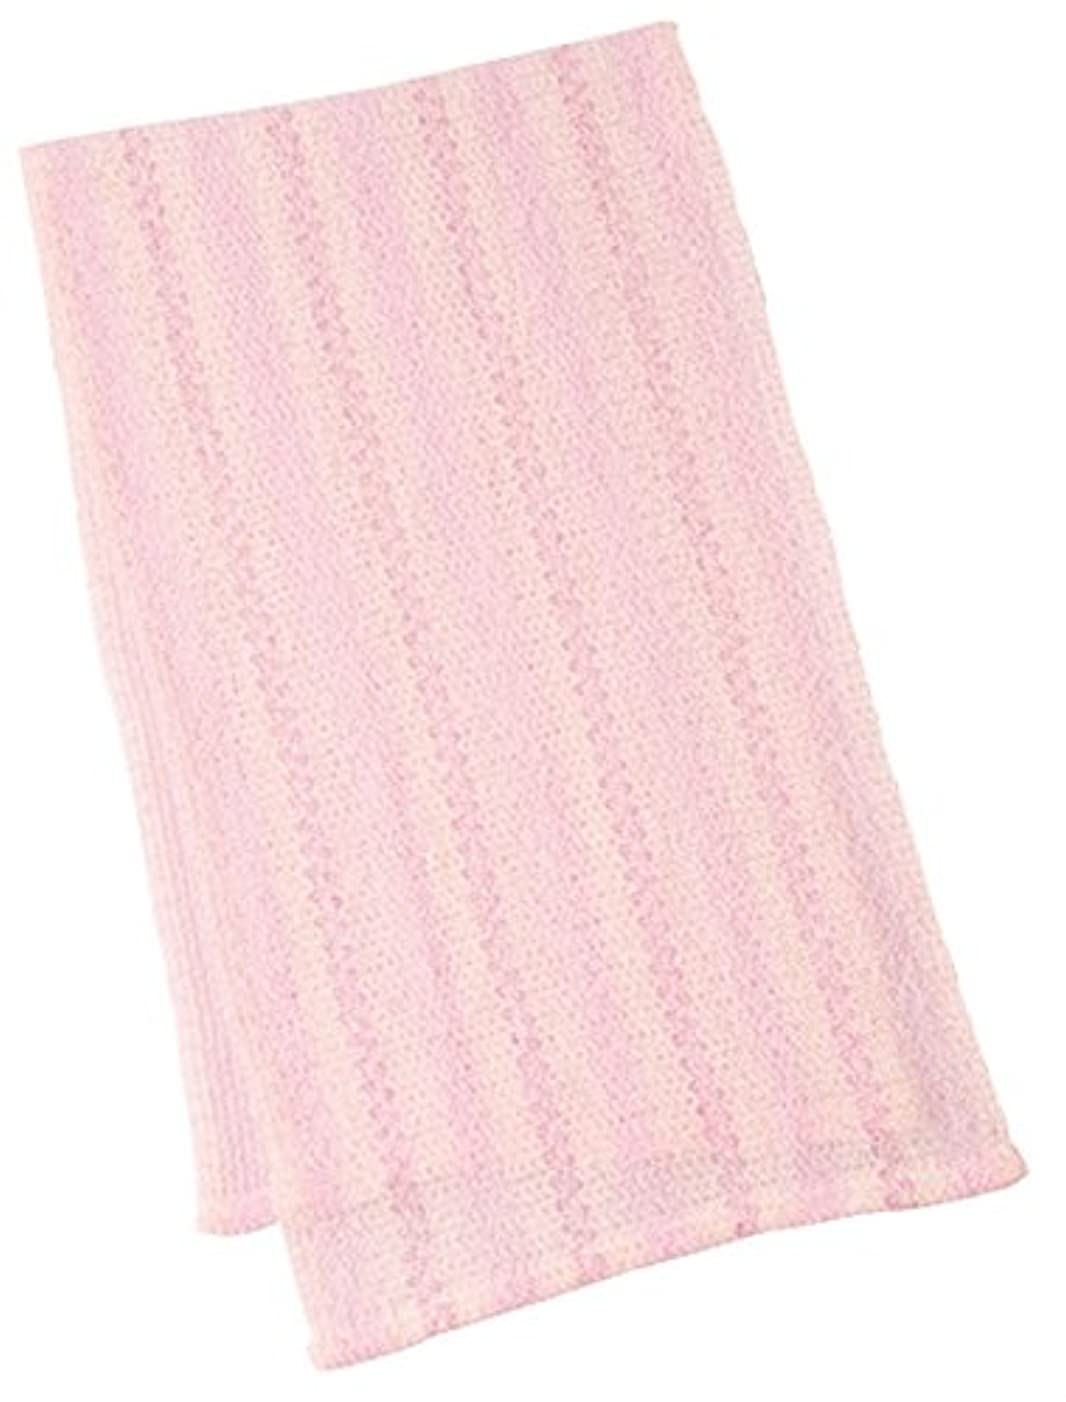 眠いですイブニングマーティンルーサーキングジュニアマーナ ウォーターカラー ボディタオル ピンク B443P